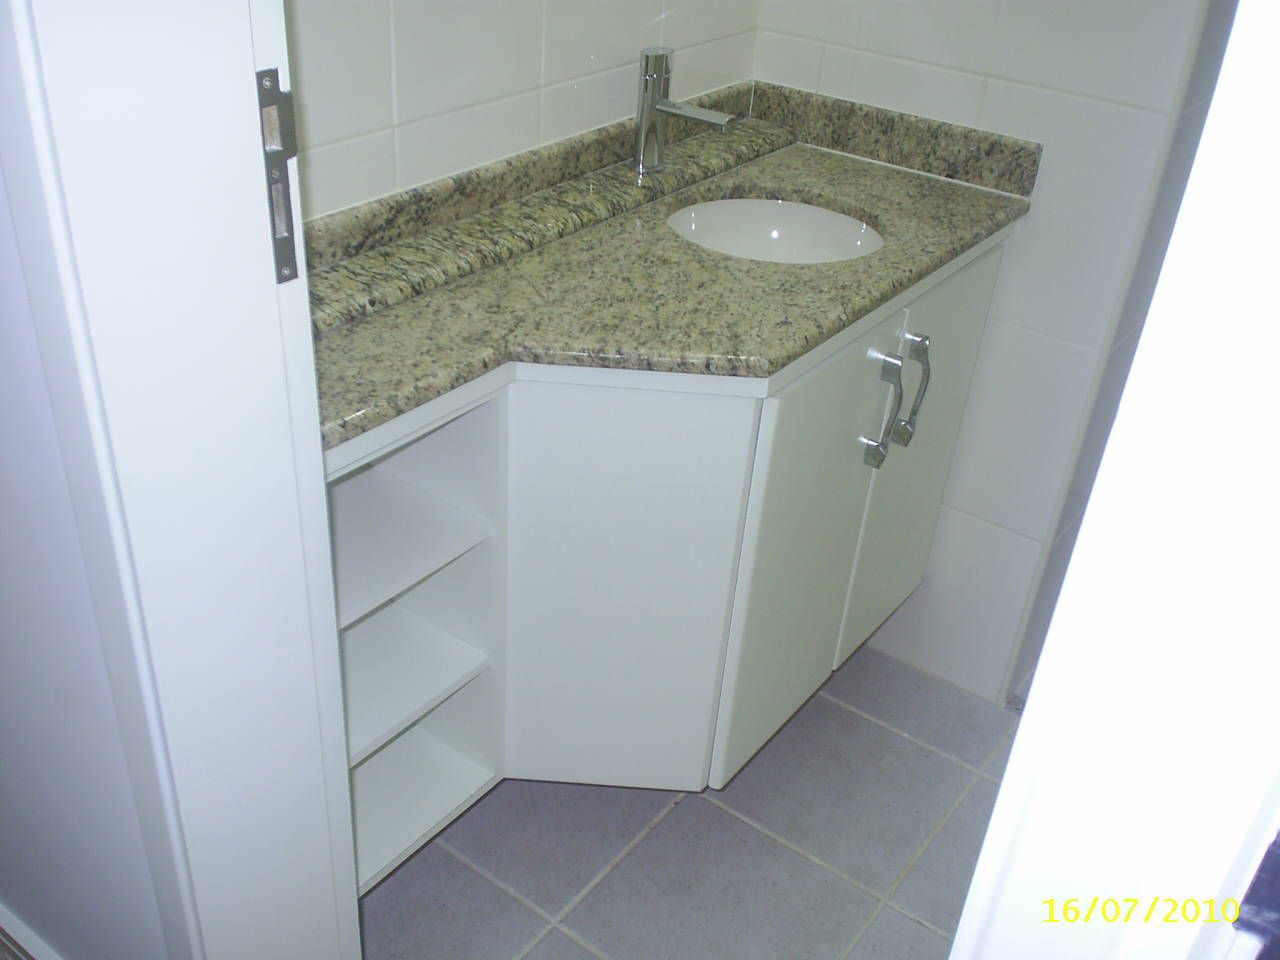 gabinete para banheiro com angulo  Pesquisa Google  Móveis sob medida  Pin -> Pia De Canto Para Banheiro